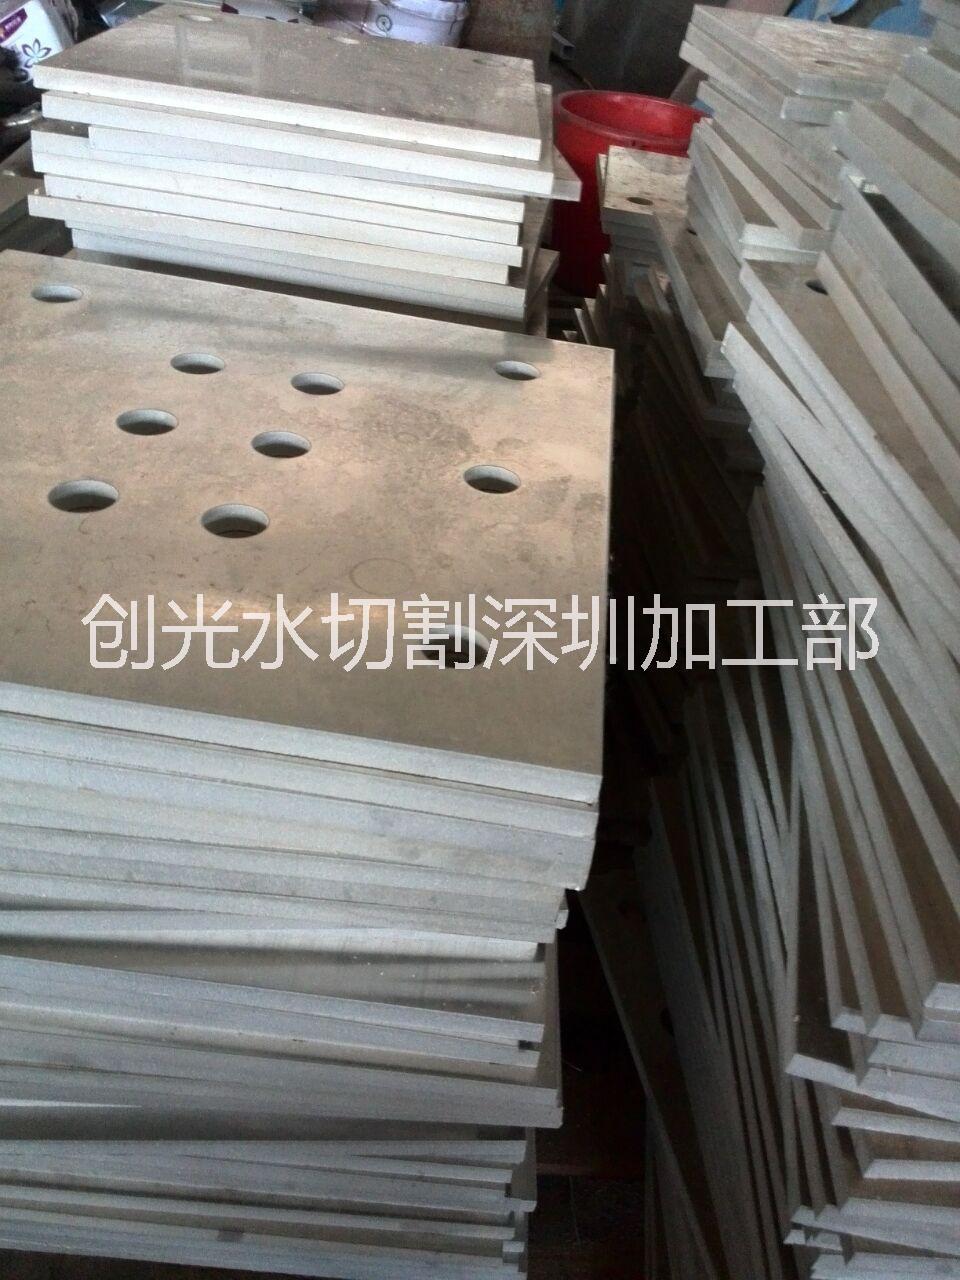 深圳铝板切割铜板切割铁板切割不锈钢板切割哪家便宜